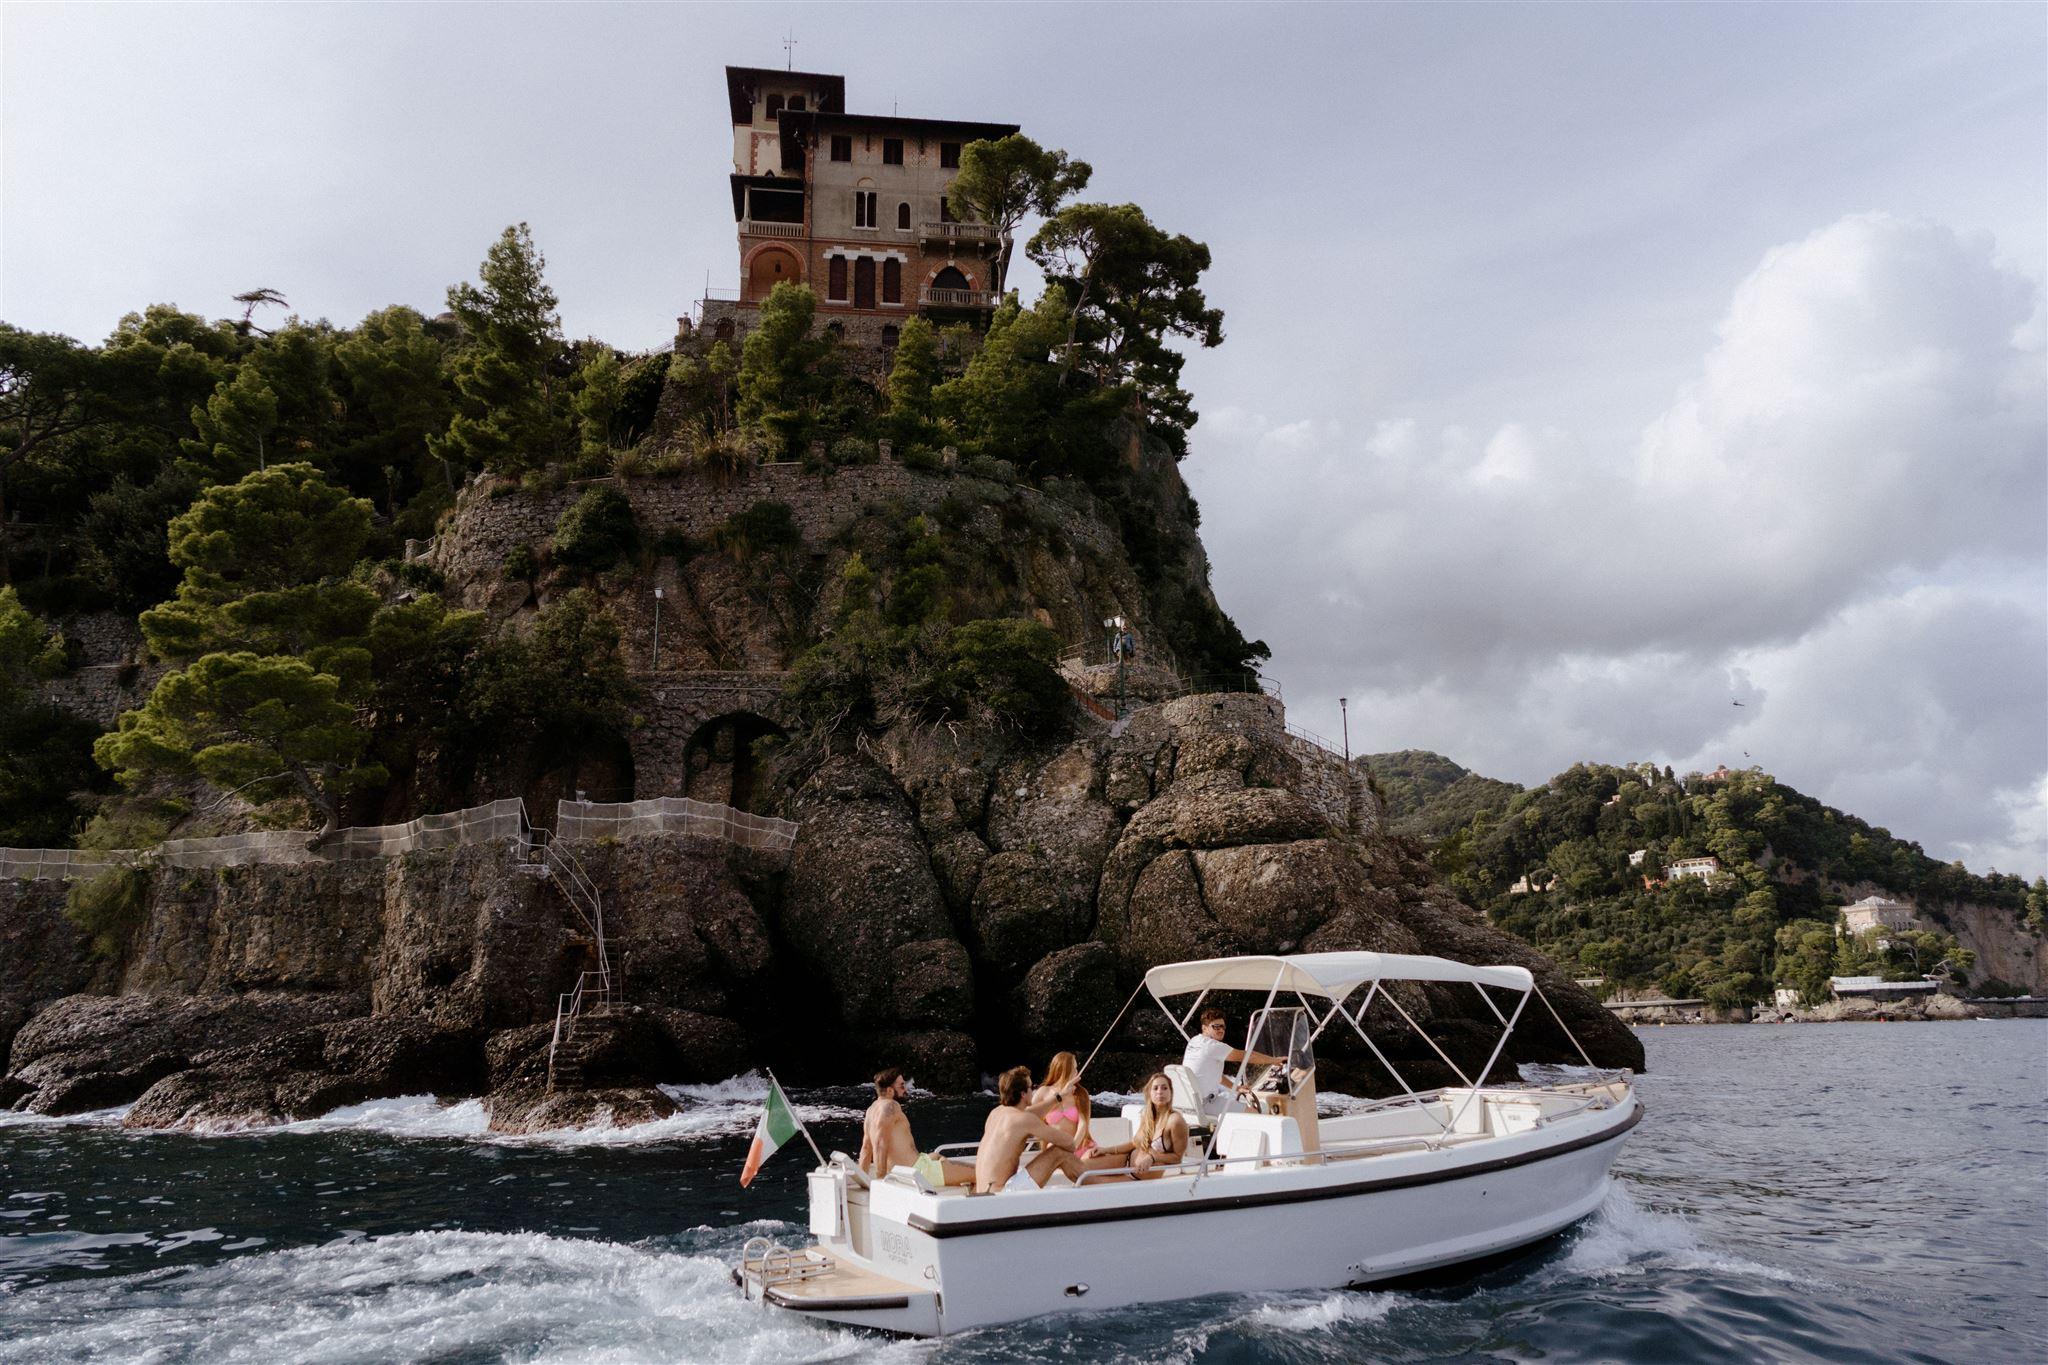 Cesare Charter Portofino - Transfer service